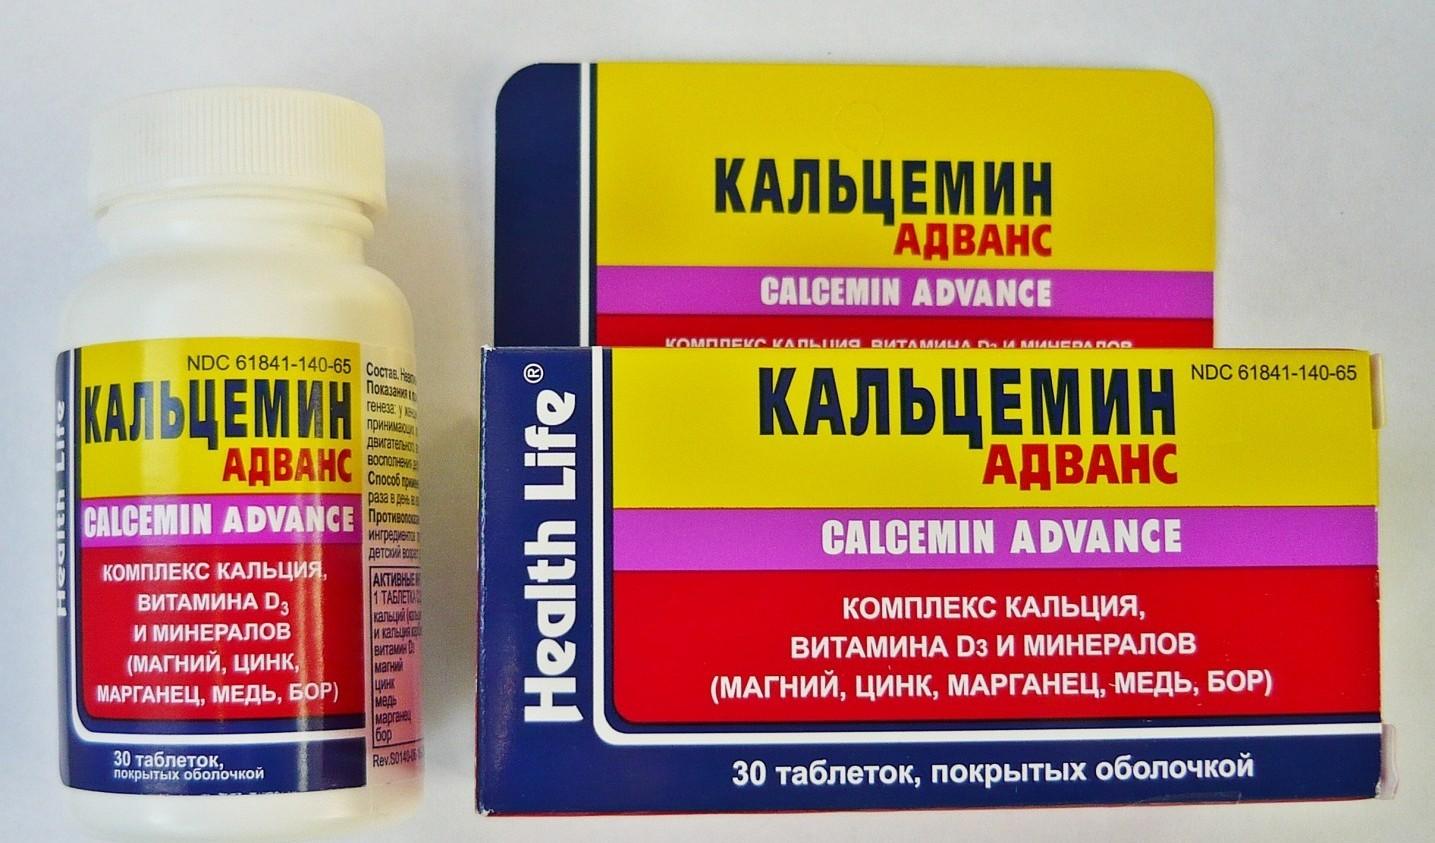 препарат Кальцемин адванс инструкция по применению